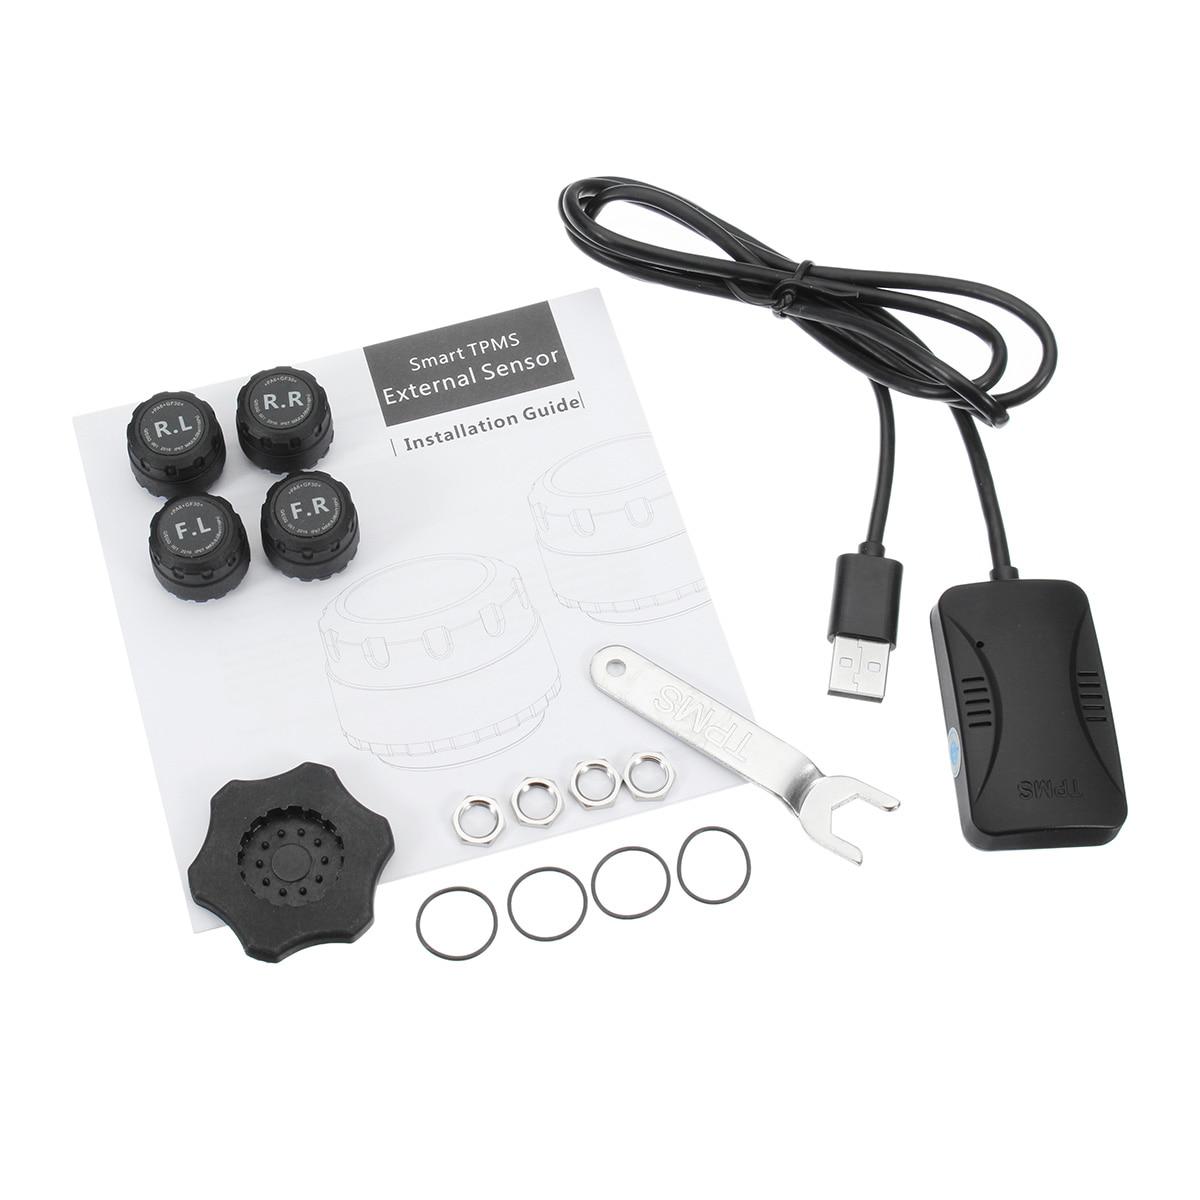 Système de Surveillance de Pression DES Pneus TPMS de voiture 4 Capteurs D'alarme La Température Des Pneus Système de Surveillance TPMS De Voiture pour Android DVD